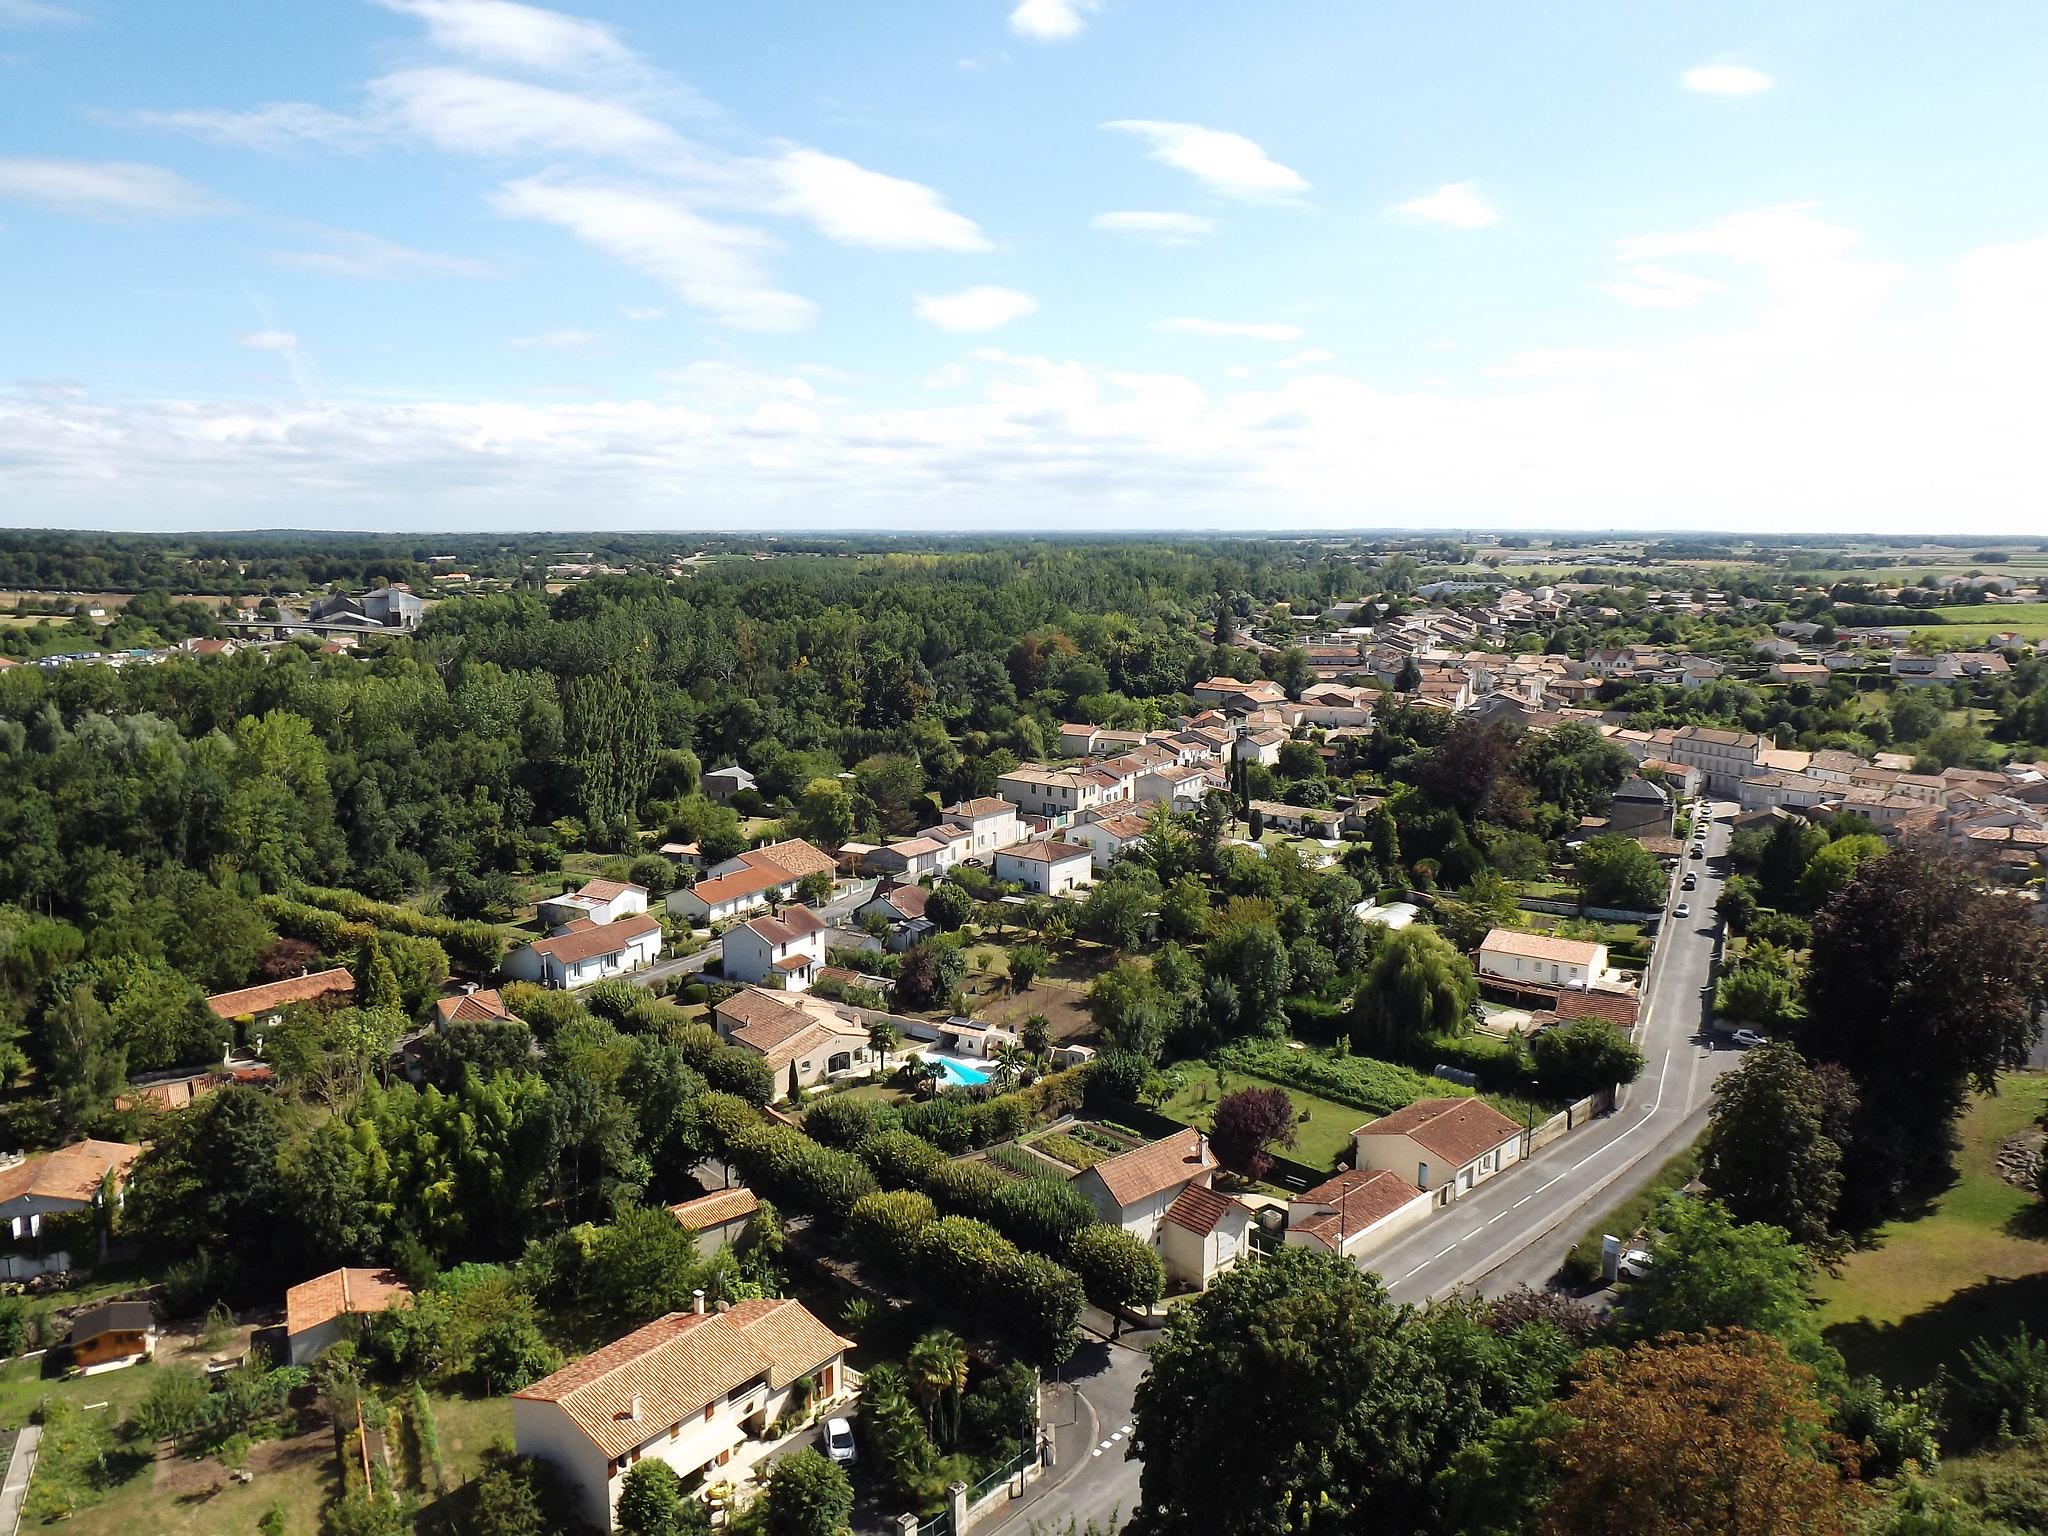 Villaggio di Pons in Francia